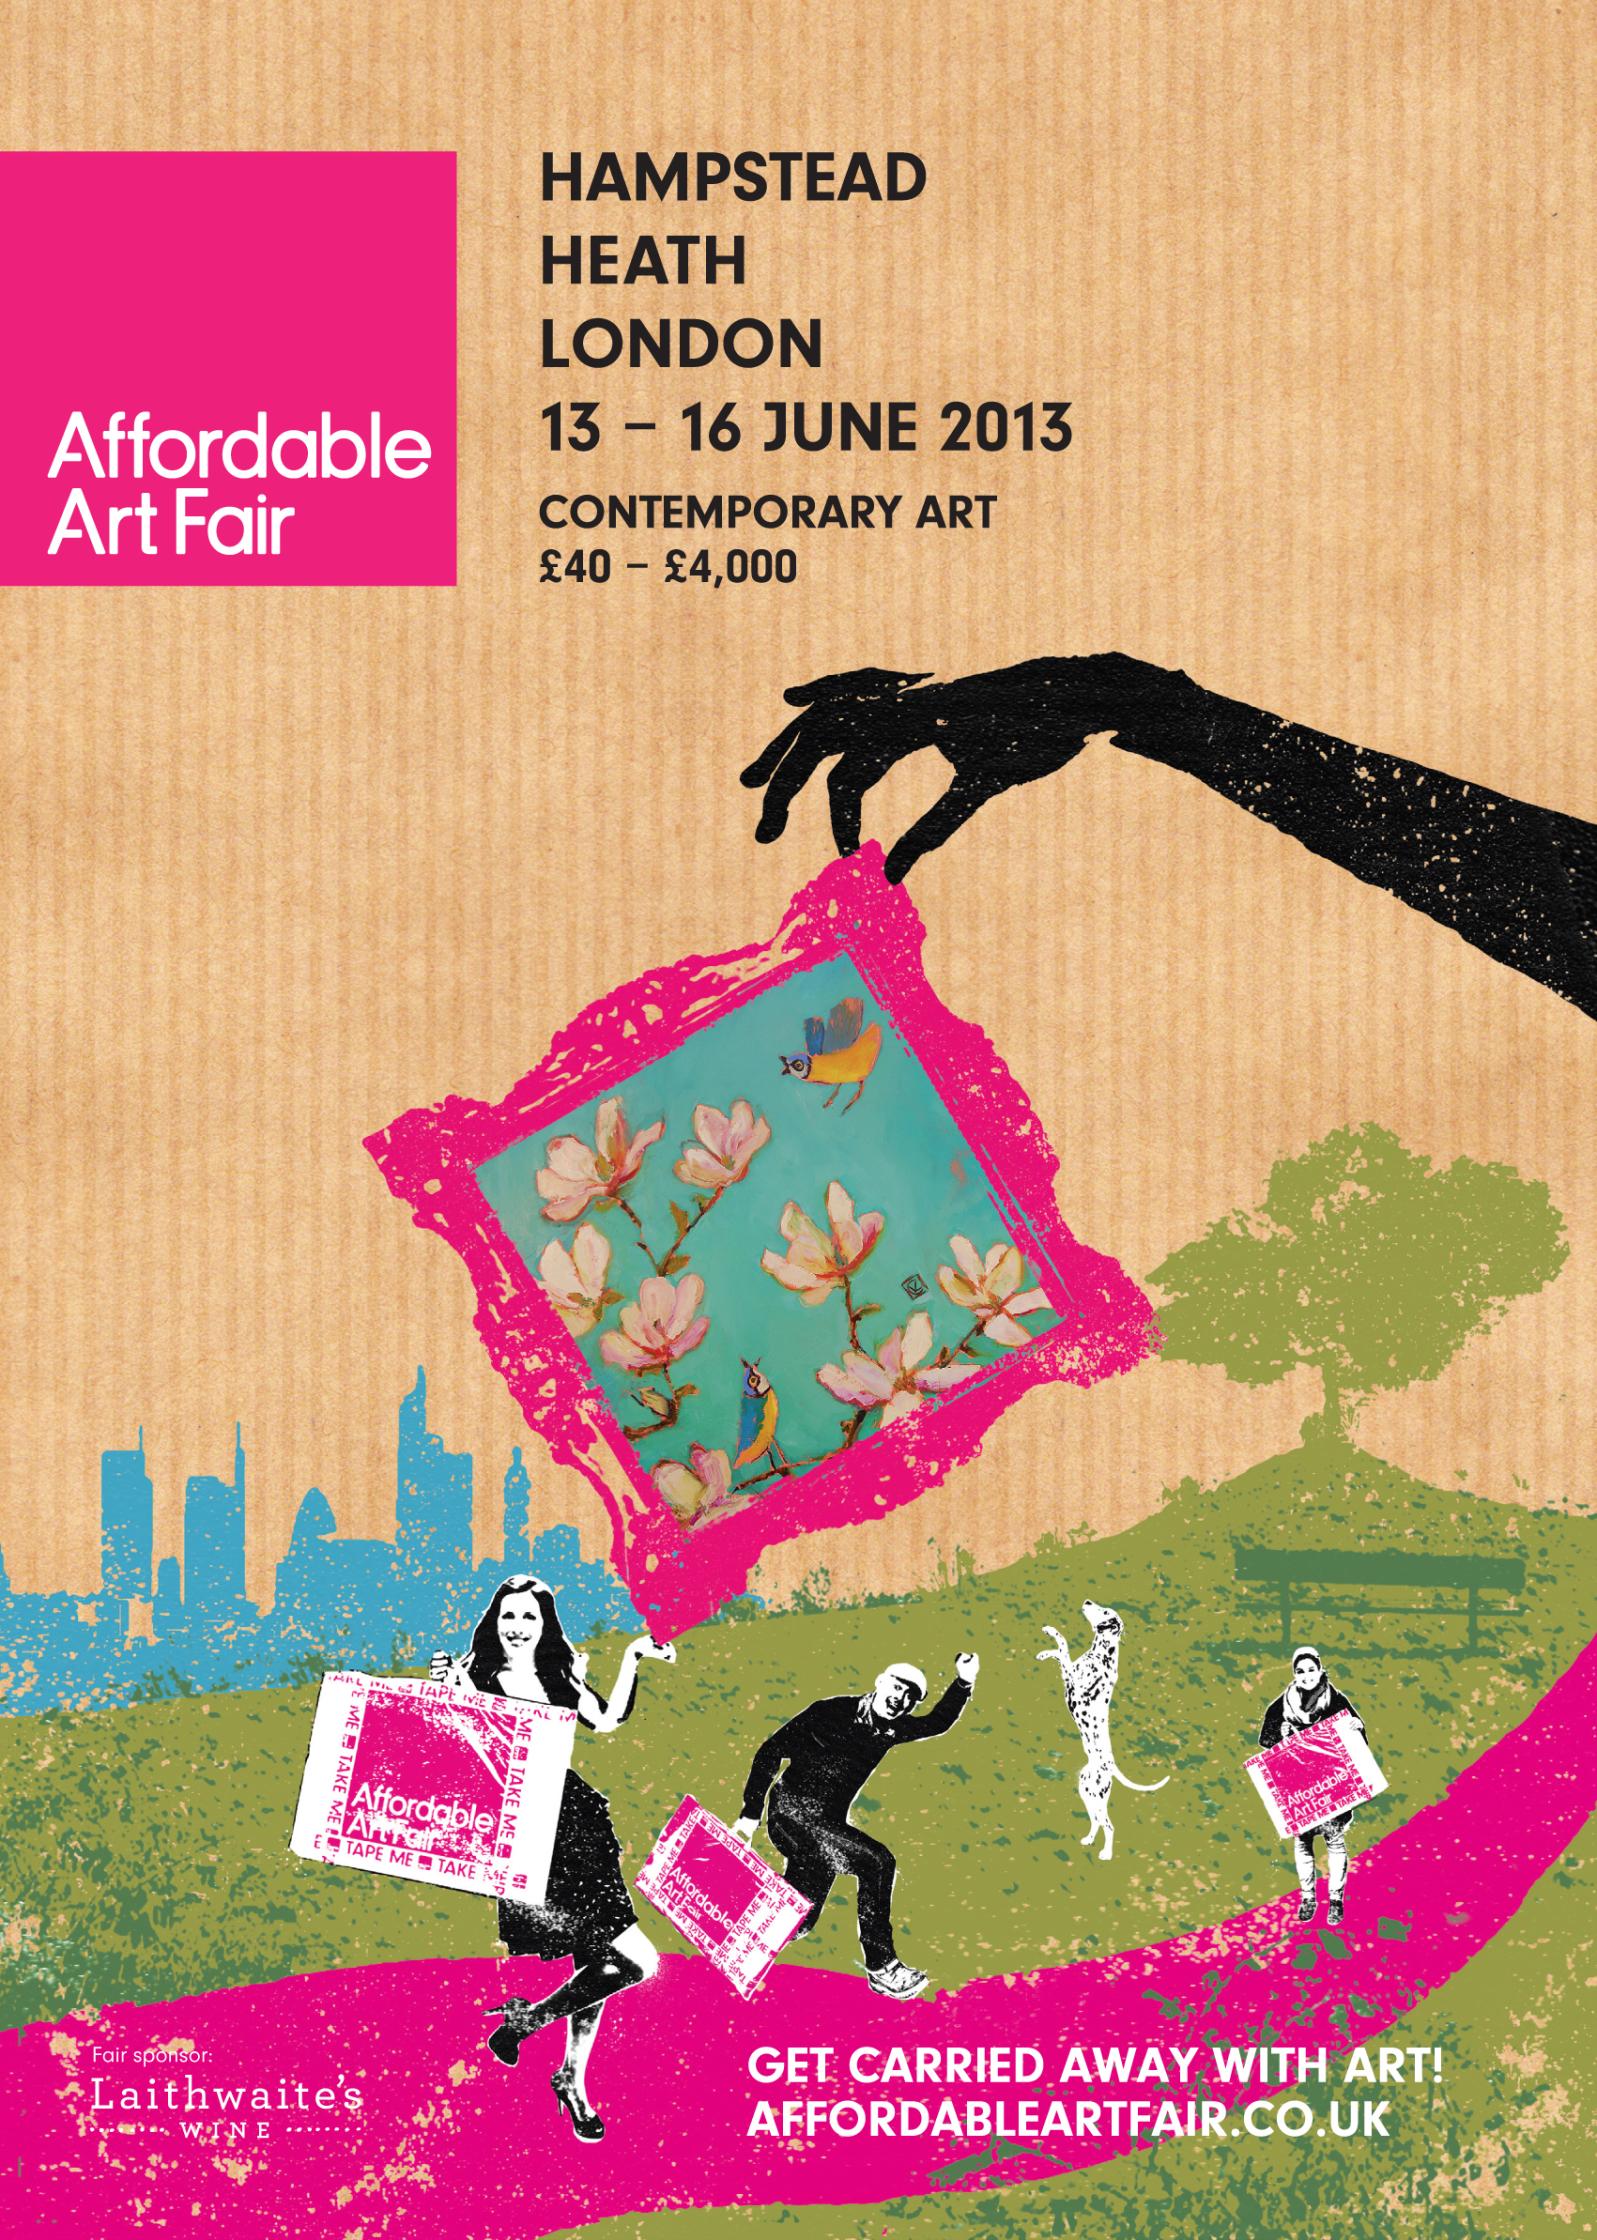 Affordable Art Fair 2013